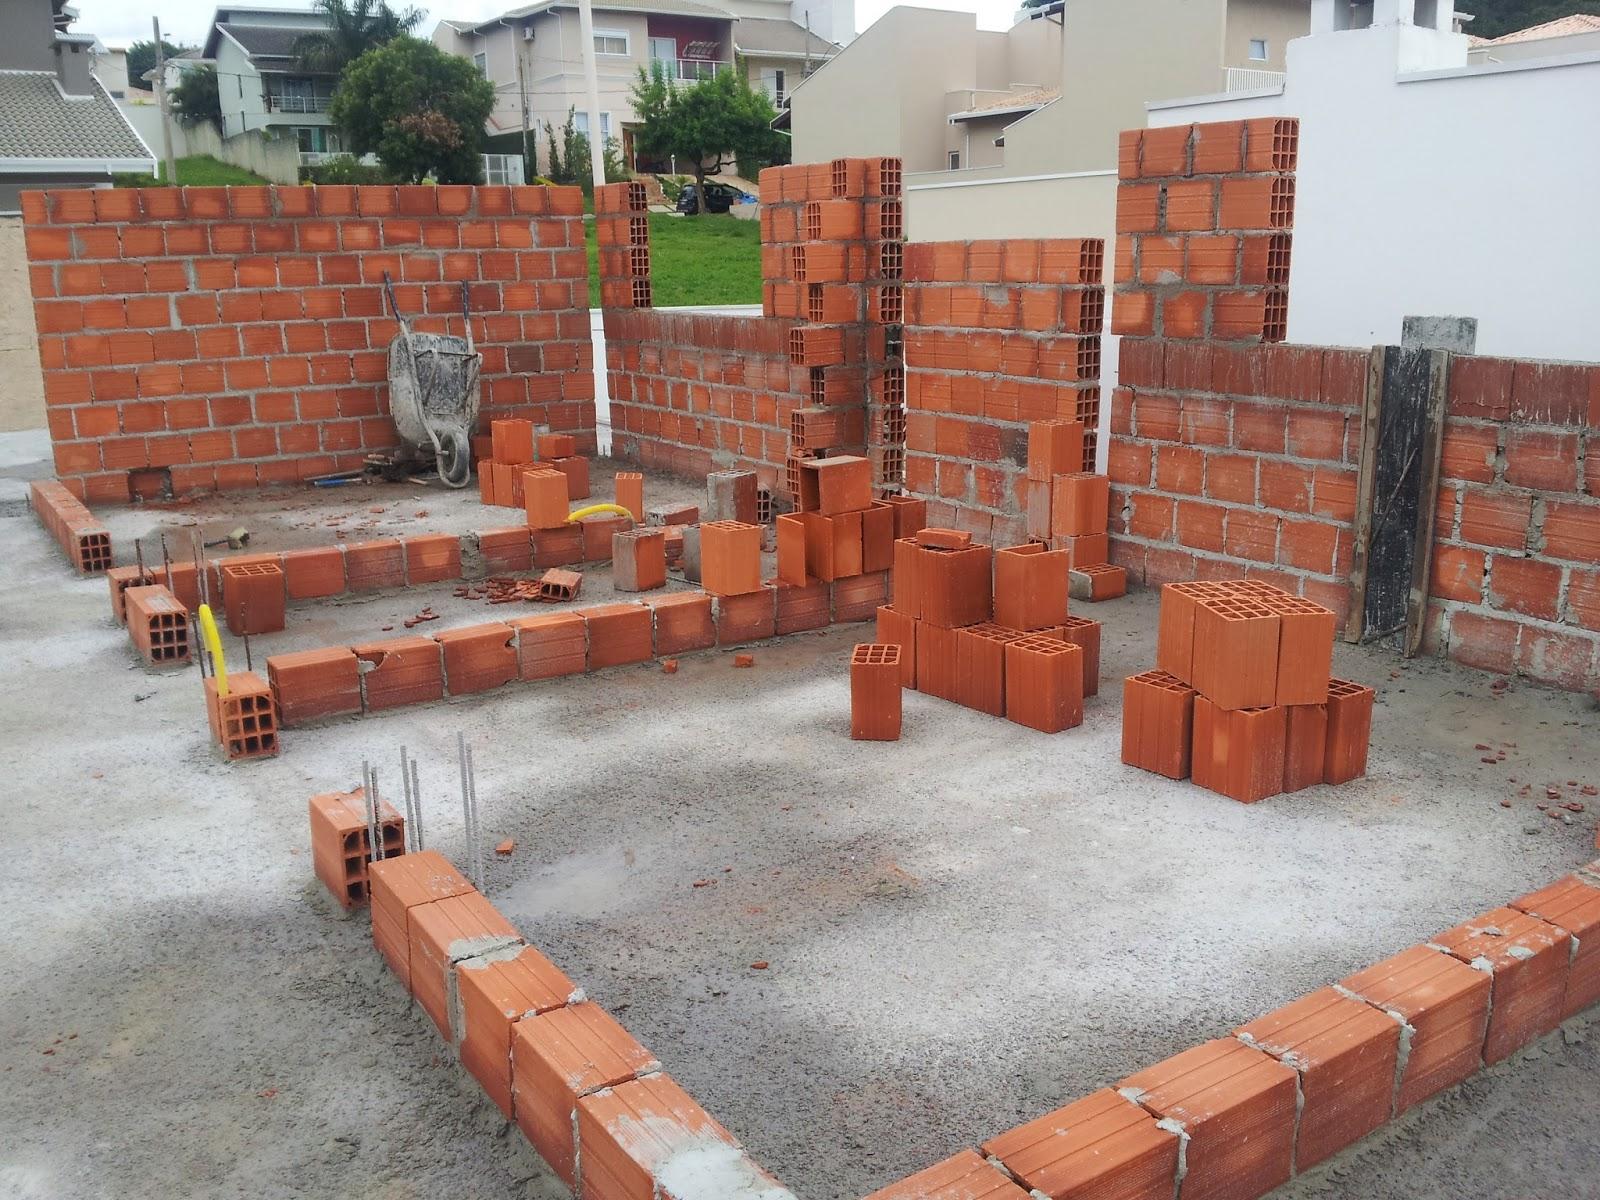 #9E482D Construção de Rody e Fábio: 15a Semana Concretagem da 1a laje 1600x1200 px um banheiro para dois quartos